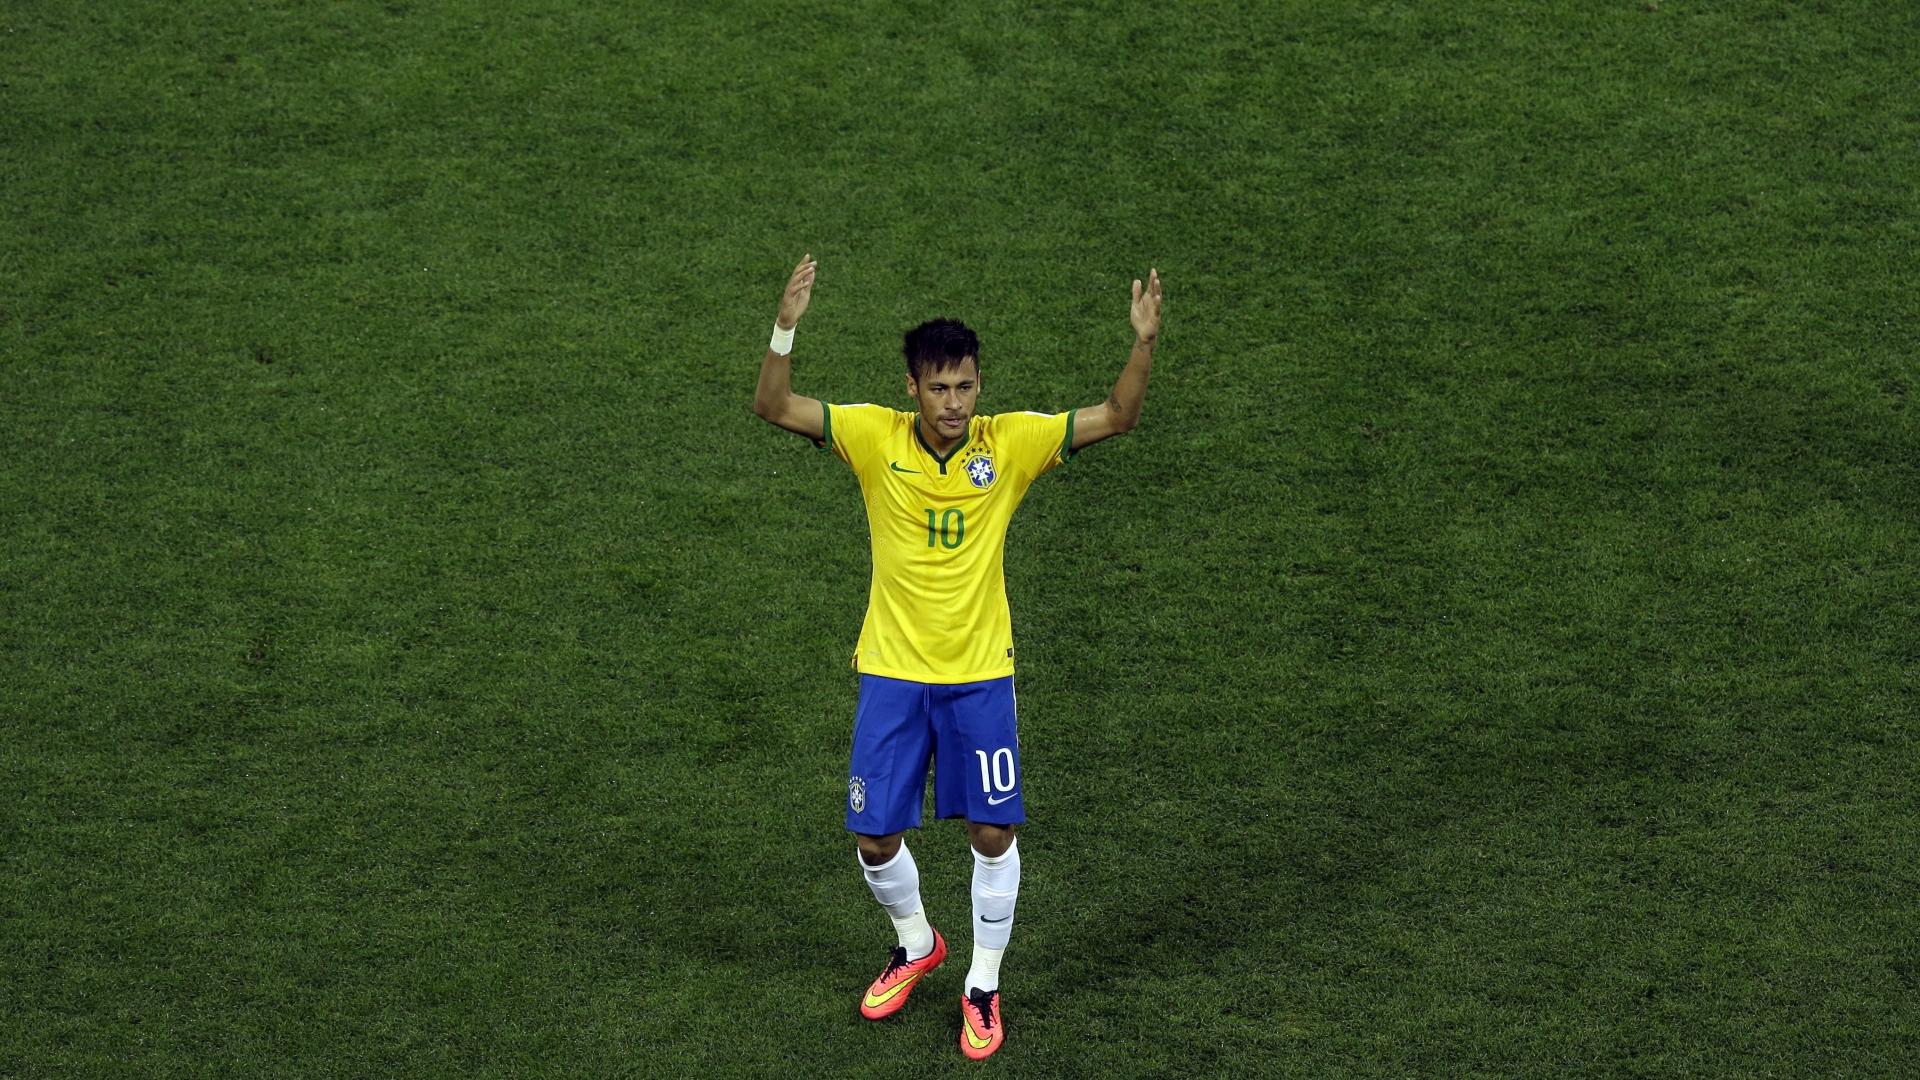 Neymar con la camiseta de Brasil - 1920x1080